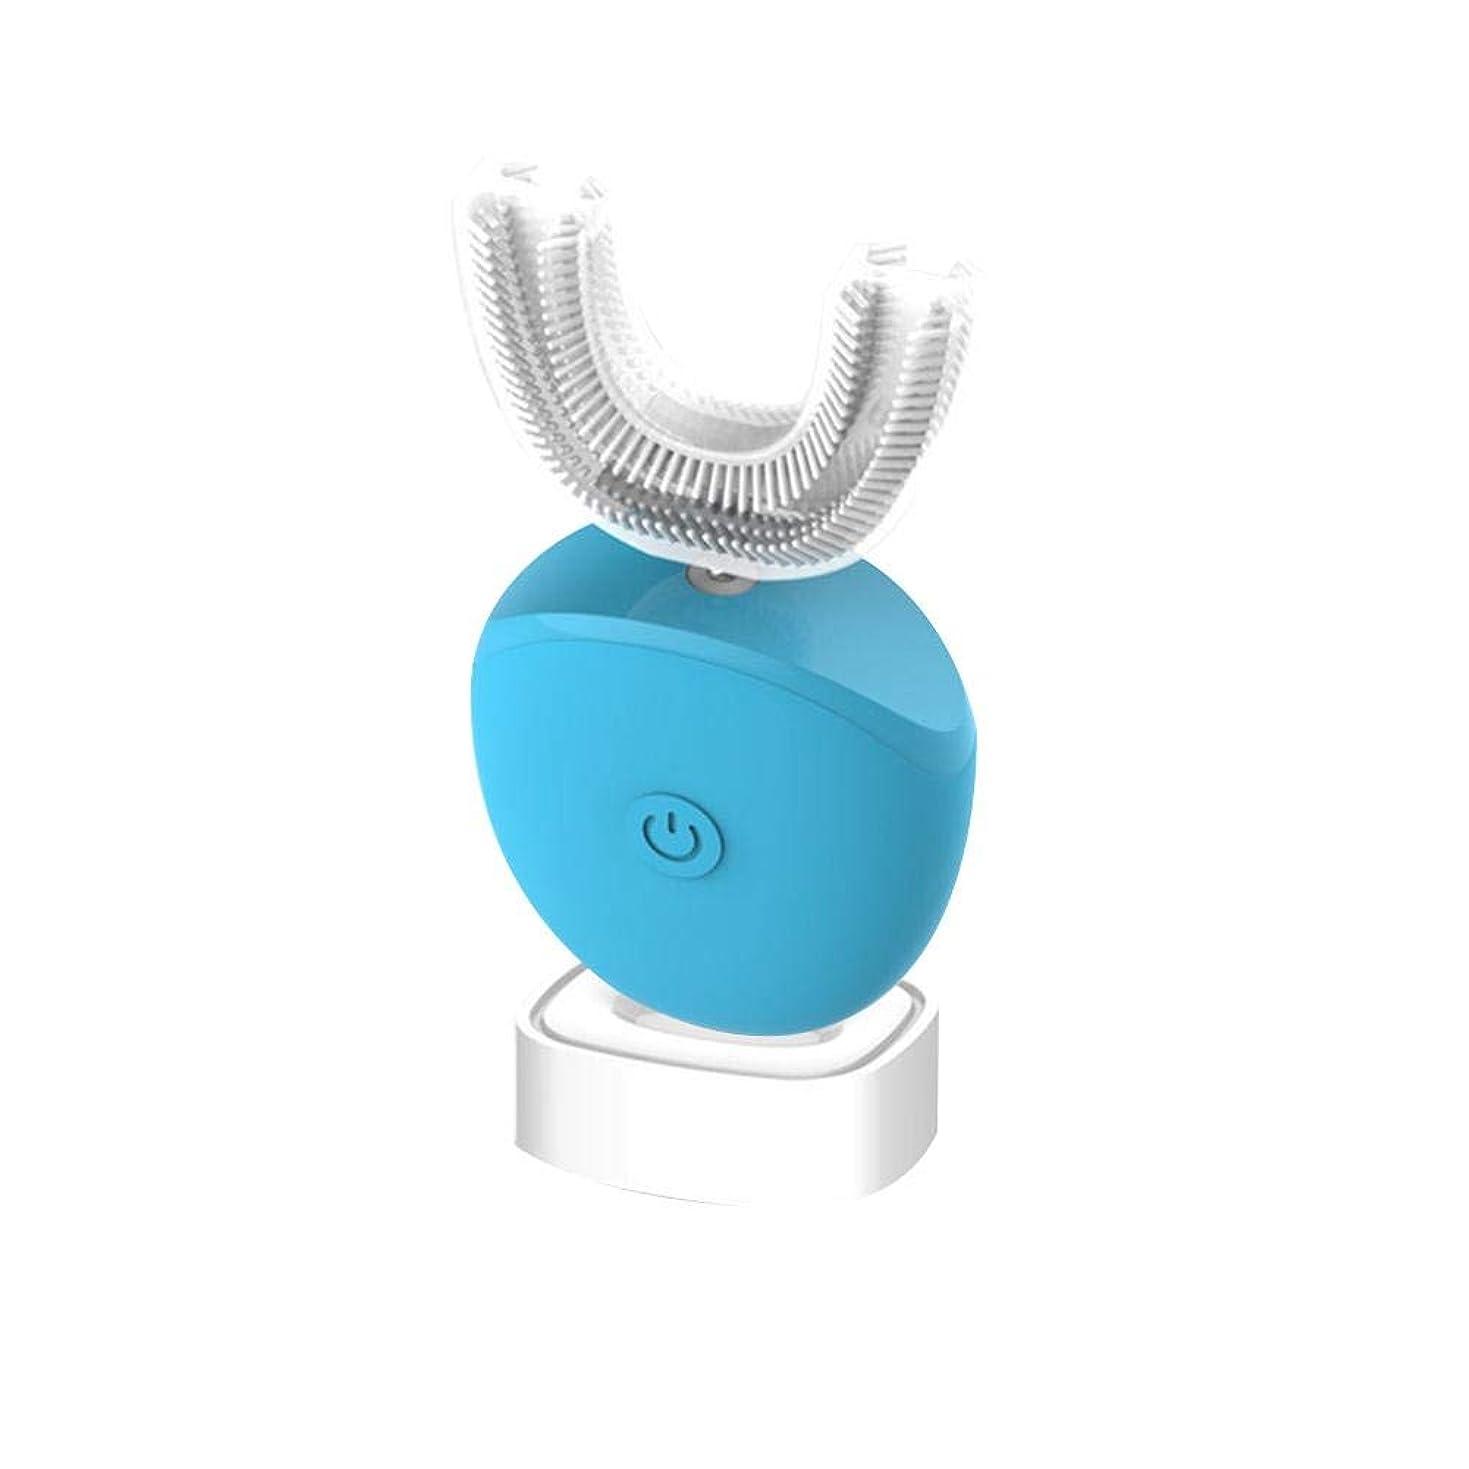 冗長増幅する資格電動歯ブラシ 電動はぶらし 自動式 音波振動歯ブラシ 超音波歯ブラシ U型?360°全方位 口腔洗浄器 清潔/マッサージ/ホワイトニング機能付 U型電動歯ぶらし ソニック振動ハブラシ ワイヤレス充電 IH1889